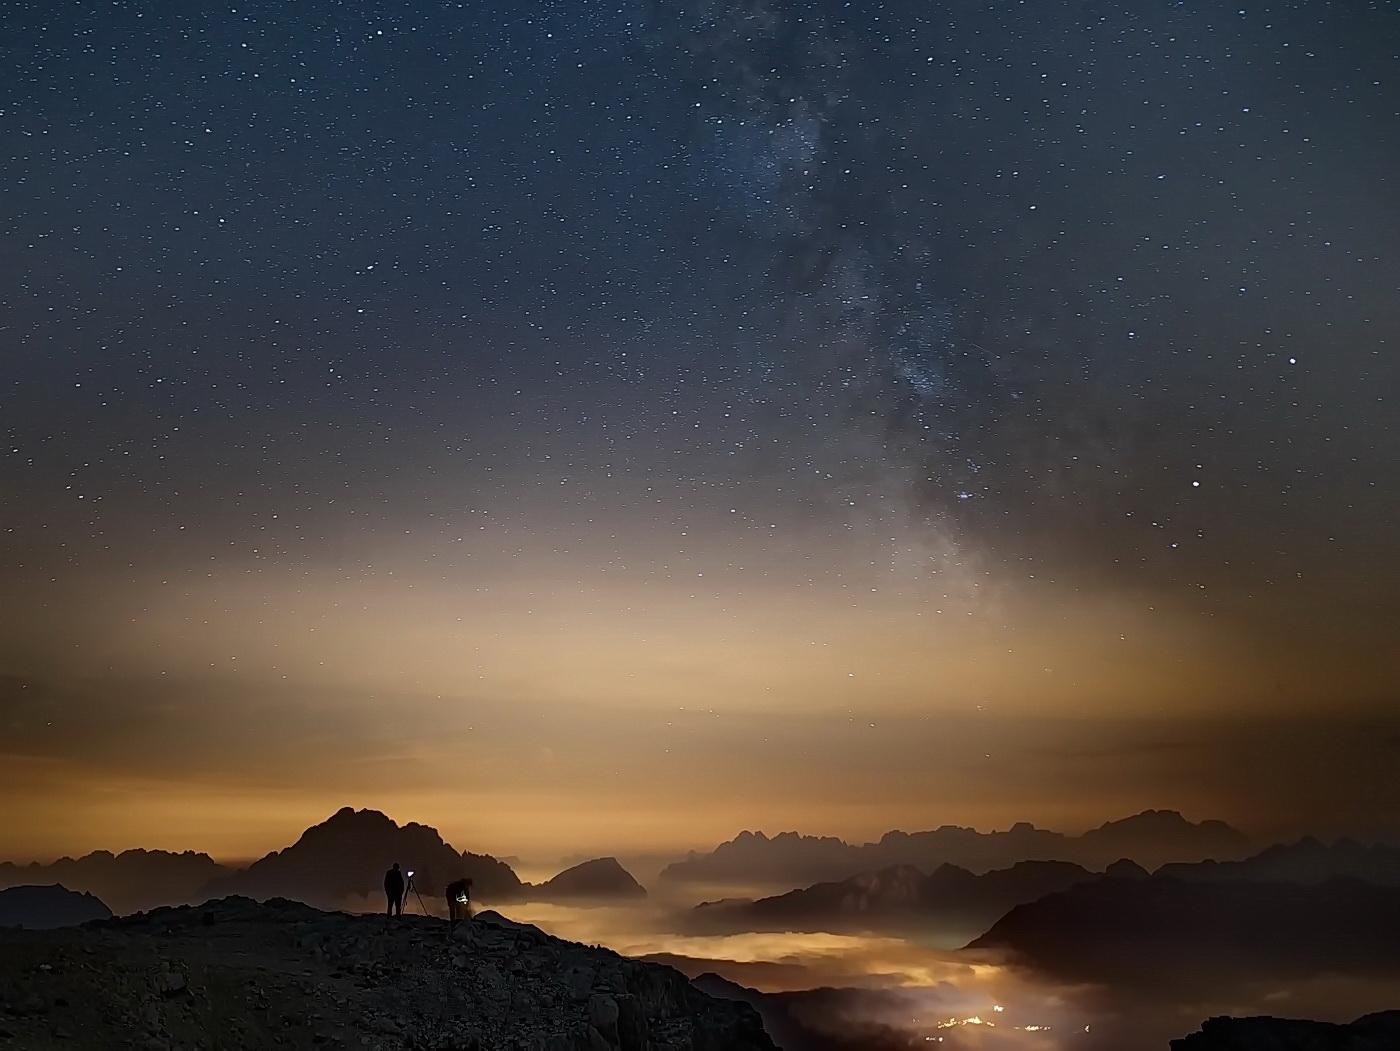 Eine Nacht in den Dolomiten